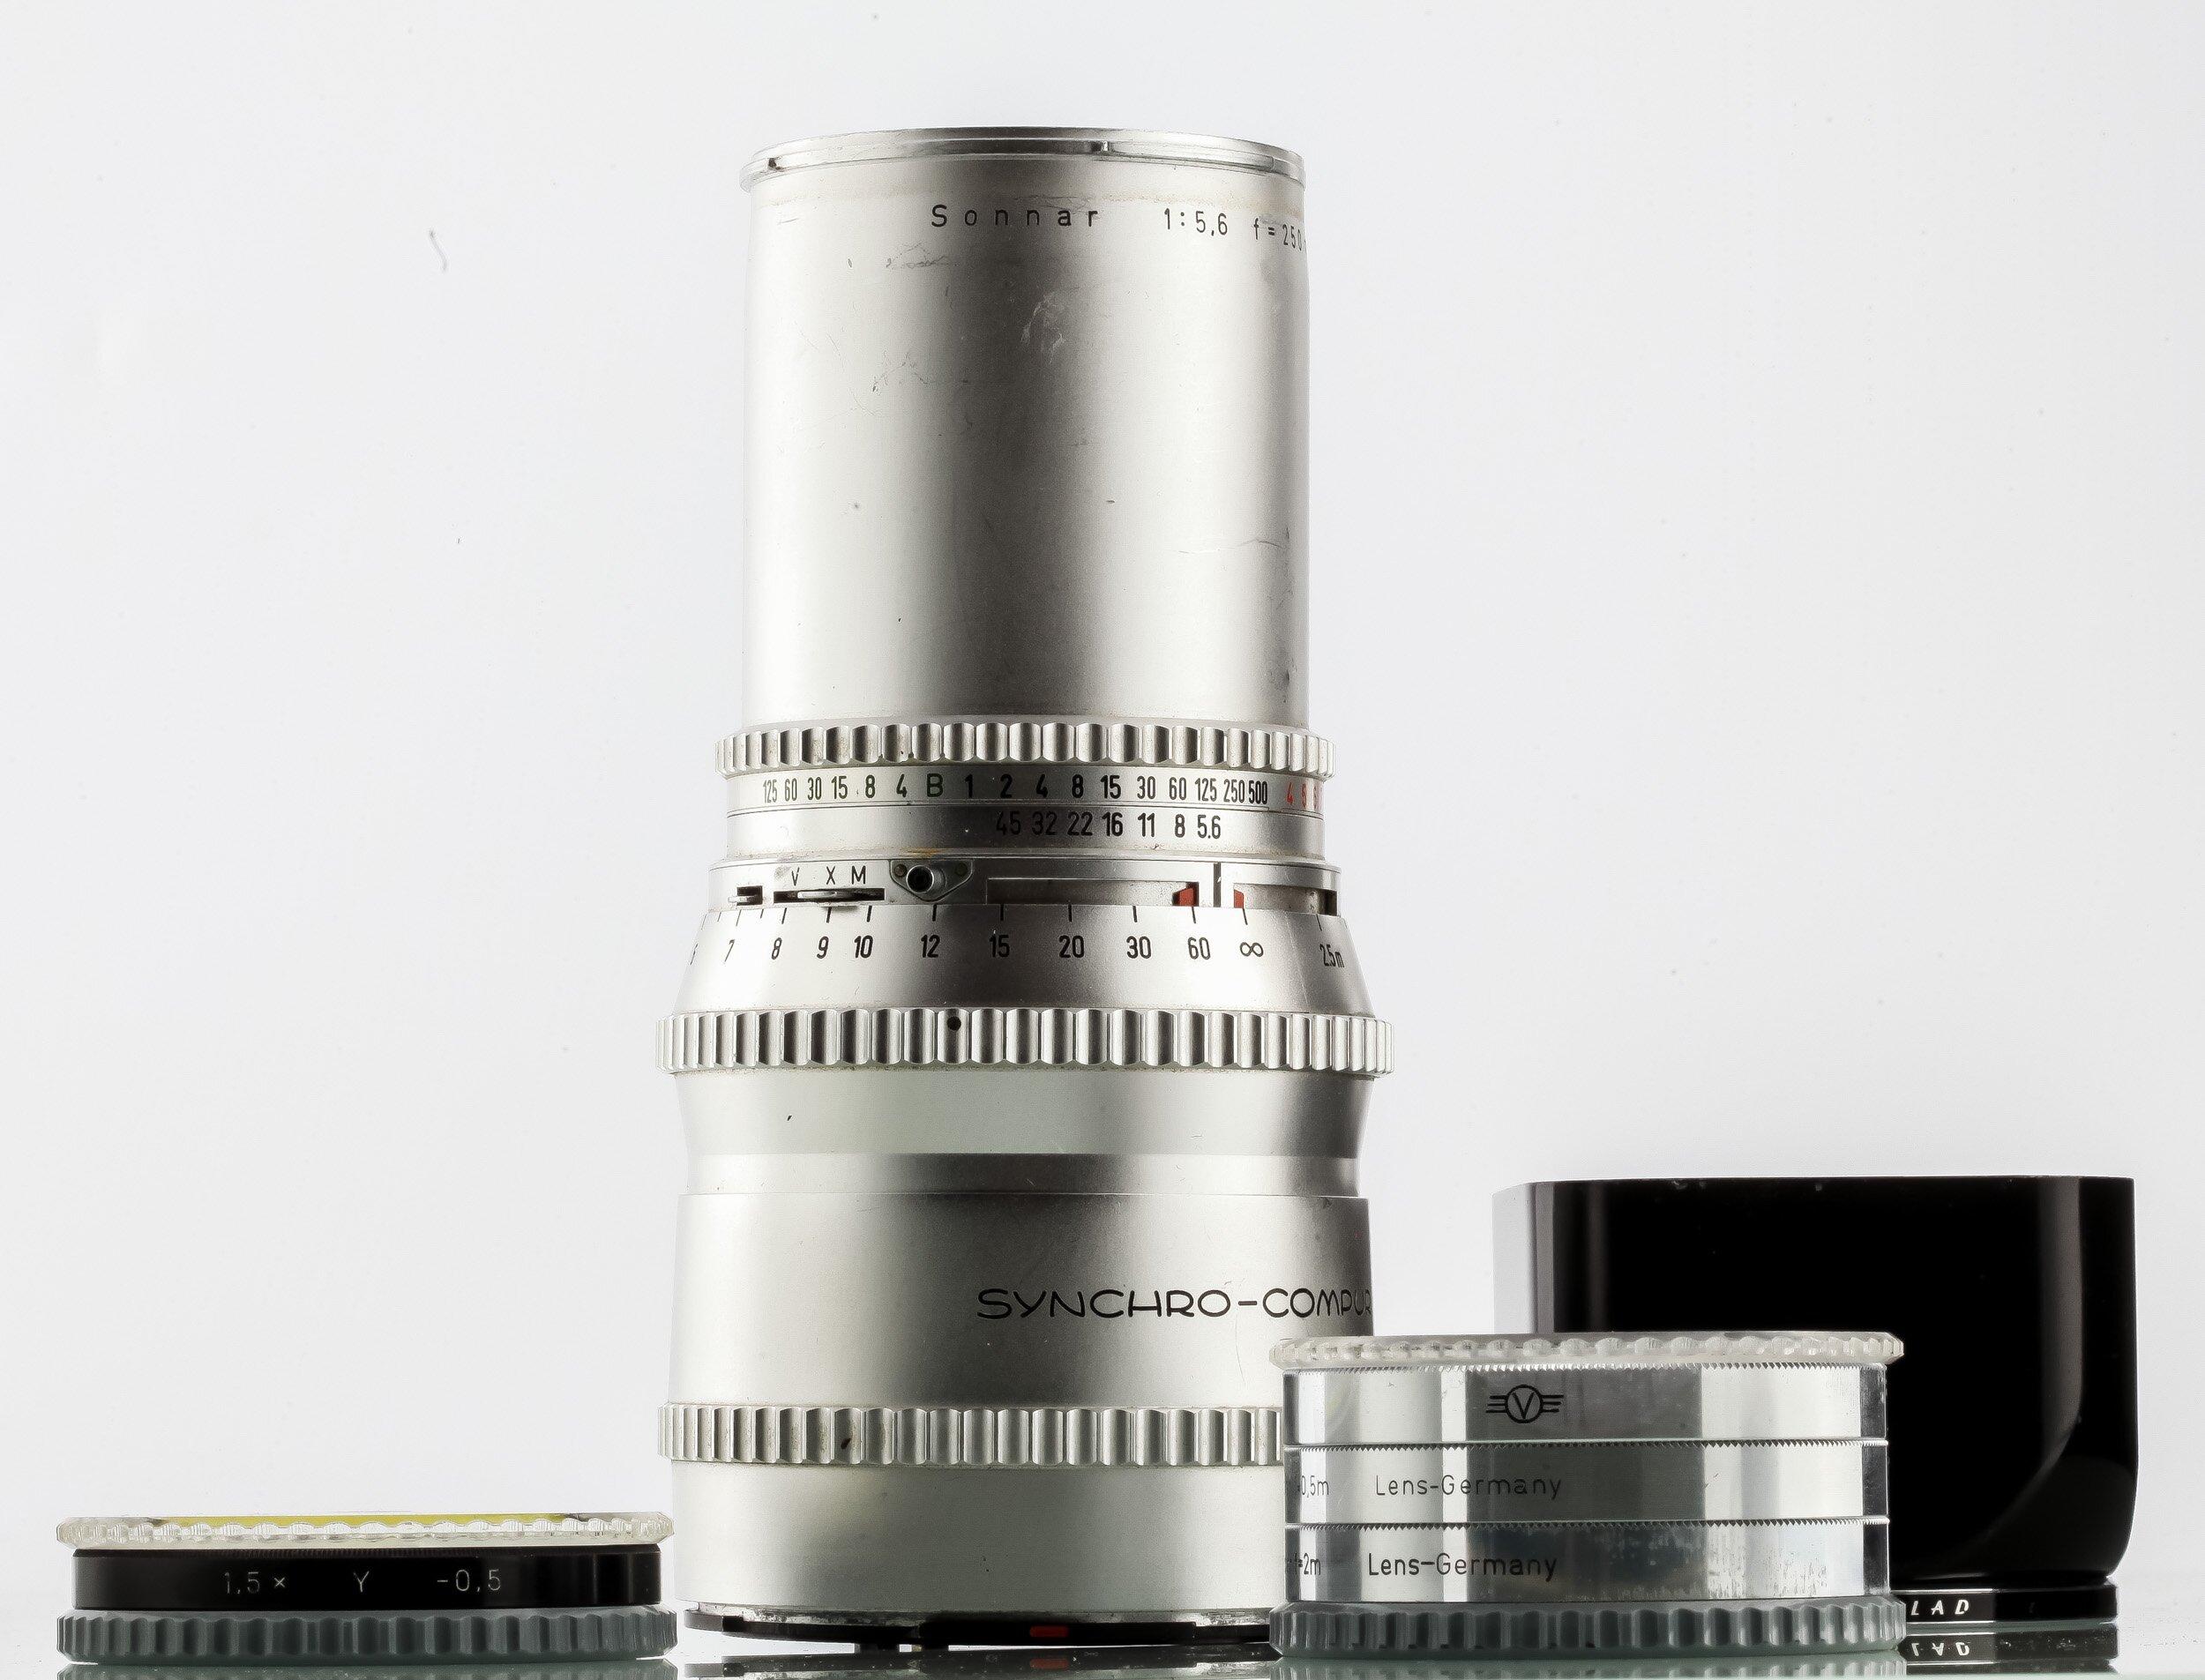 Hasselblad V Sonnar 5,6/250mm chrom